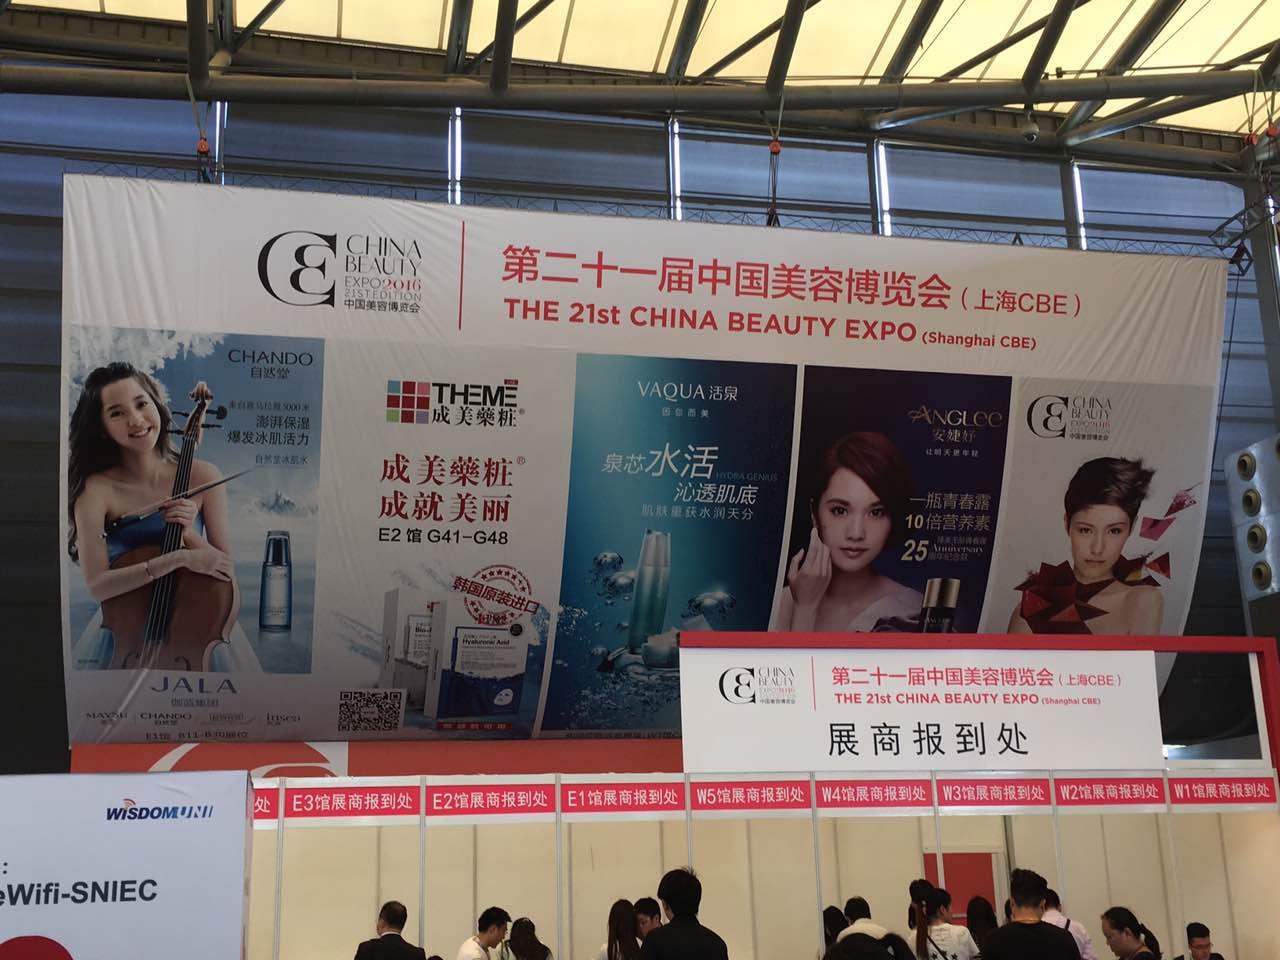 チャイナビューティEXPO(中国美容博覧会)に来ています。